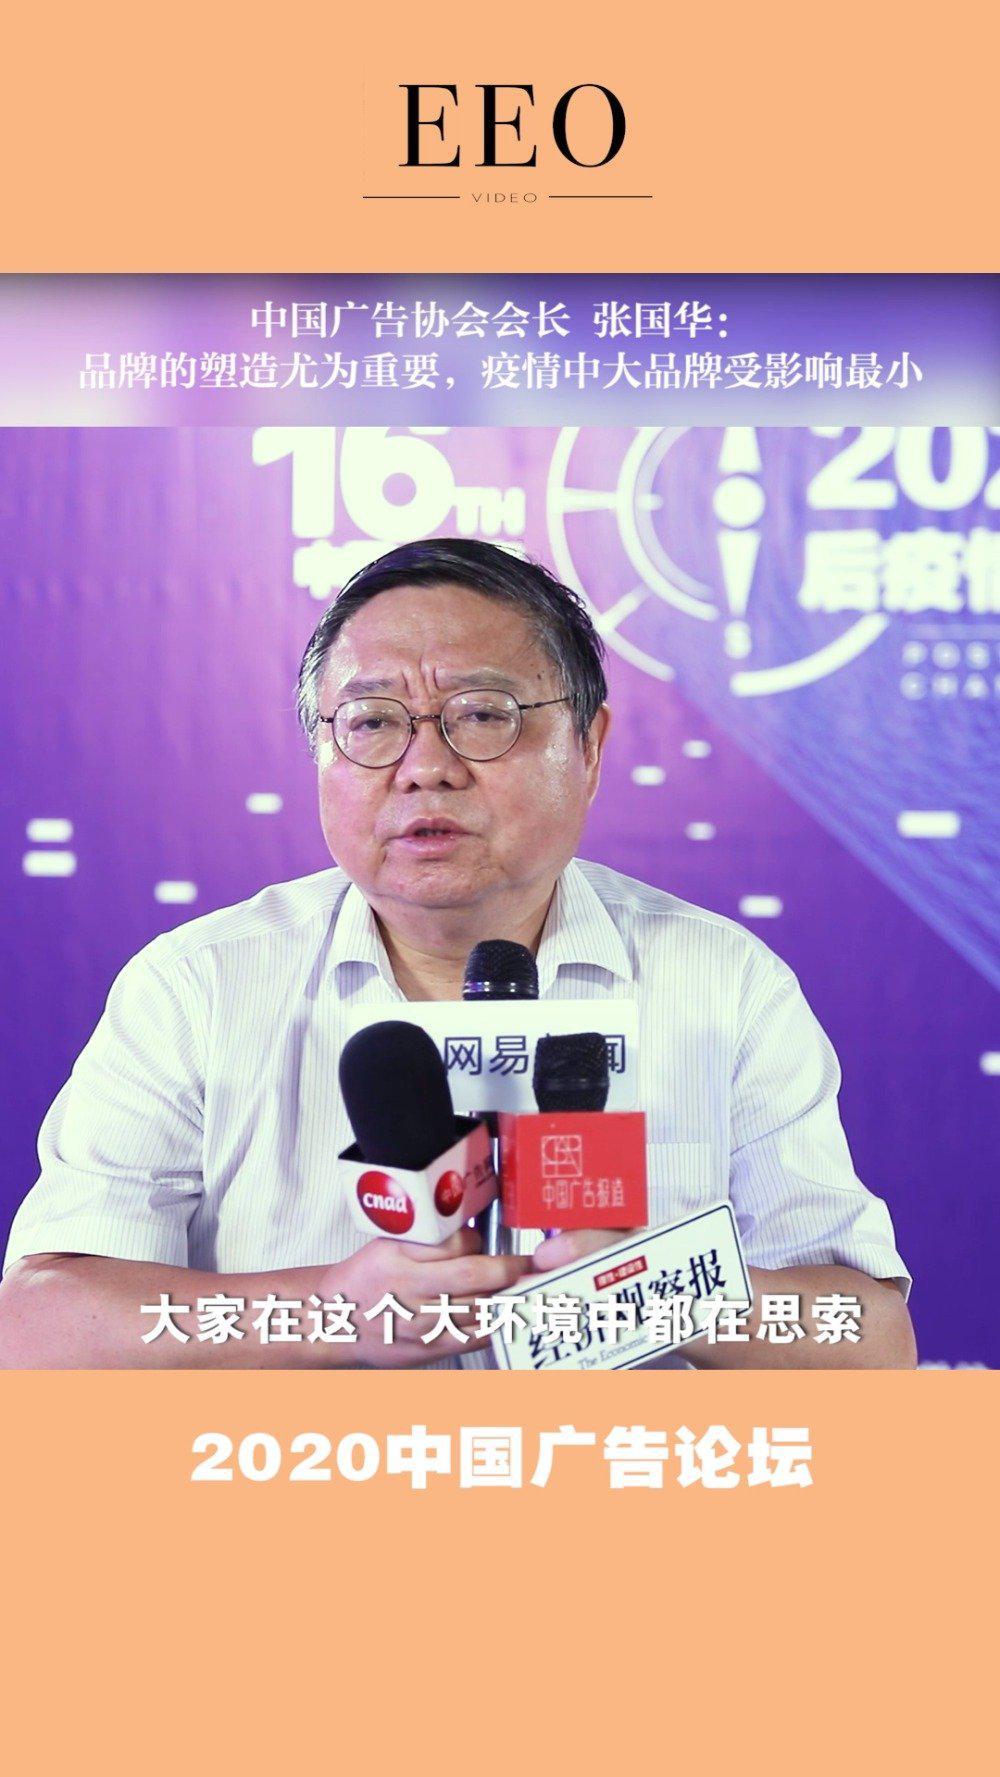 中国广告协会会长张国华:在疫情期间……